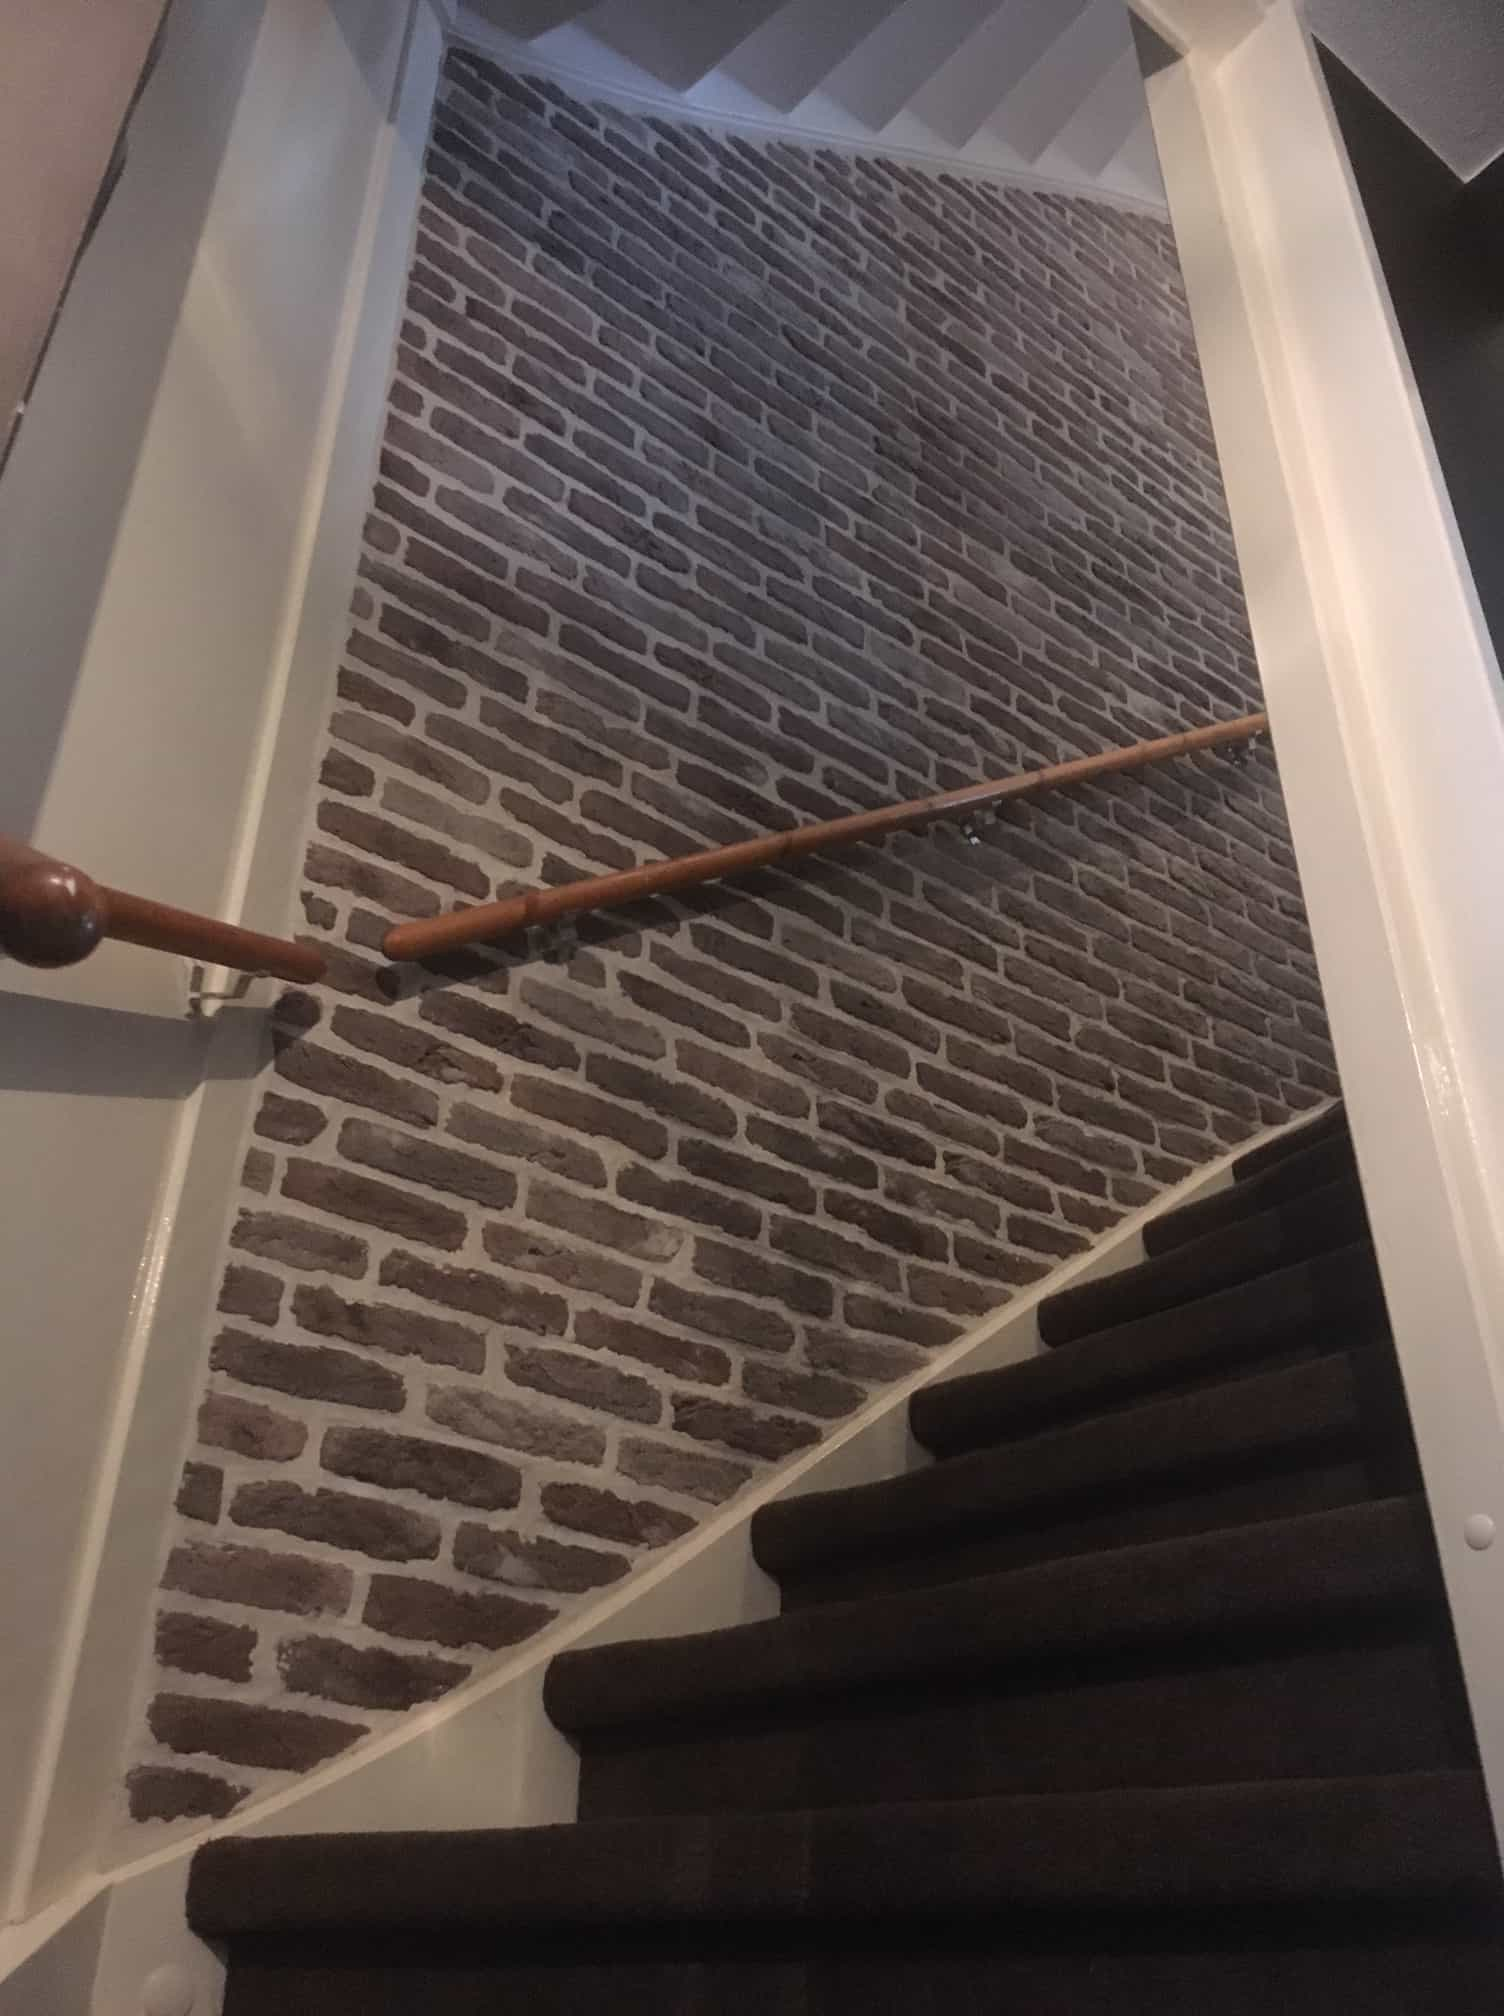 brickwall steenstrips bakstenen muur zolder trap